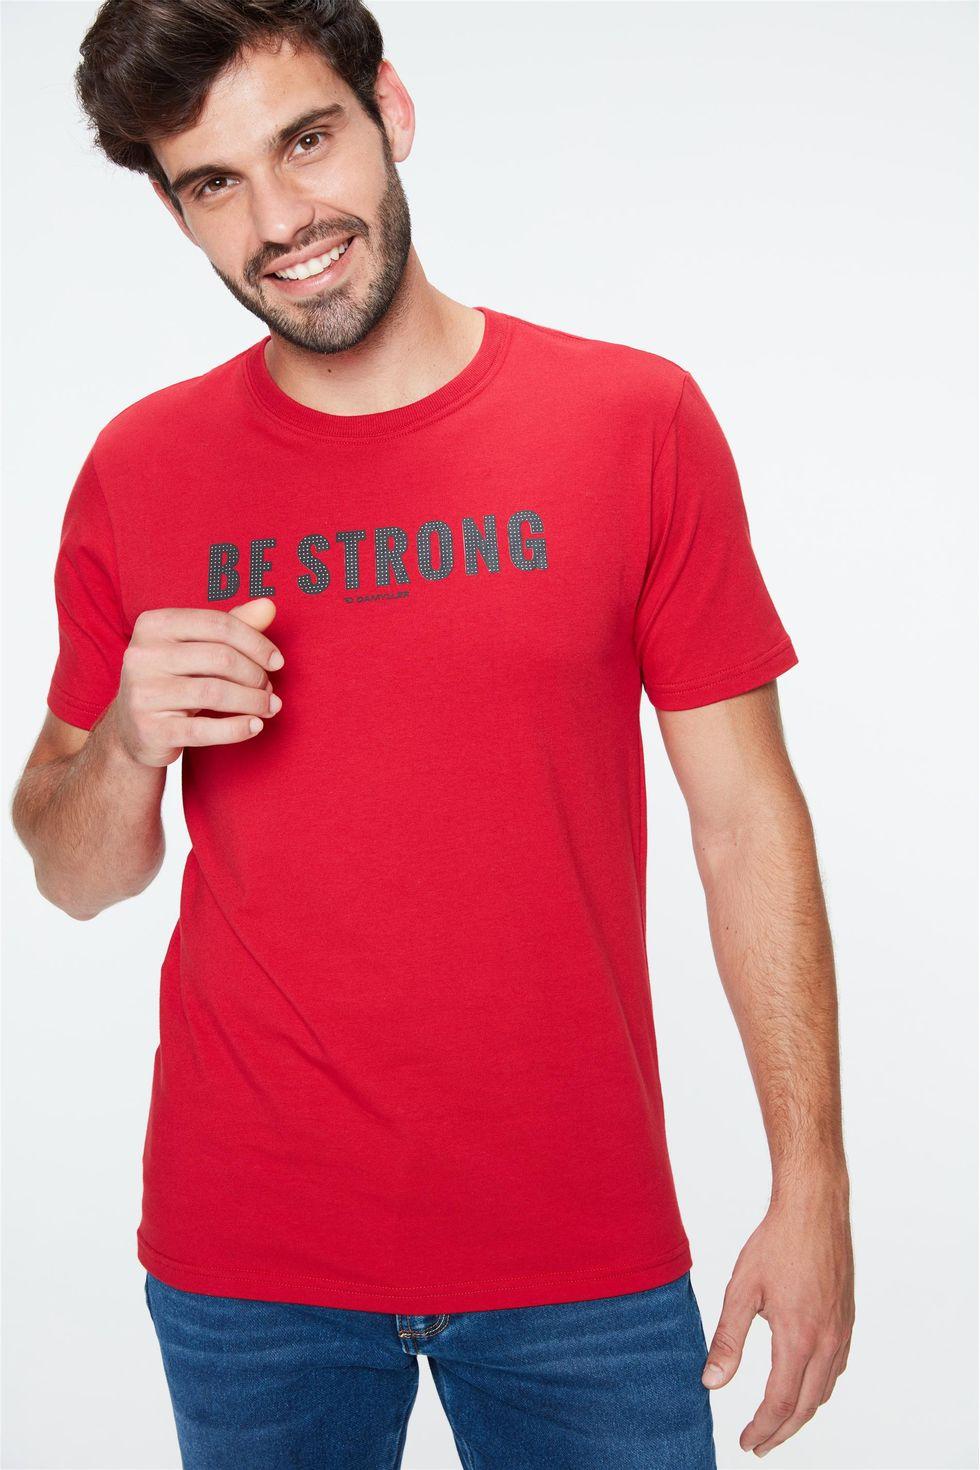 Camiseta-com-Estampa-Be-Strong-Masculina-Frente--